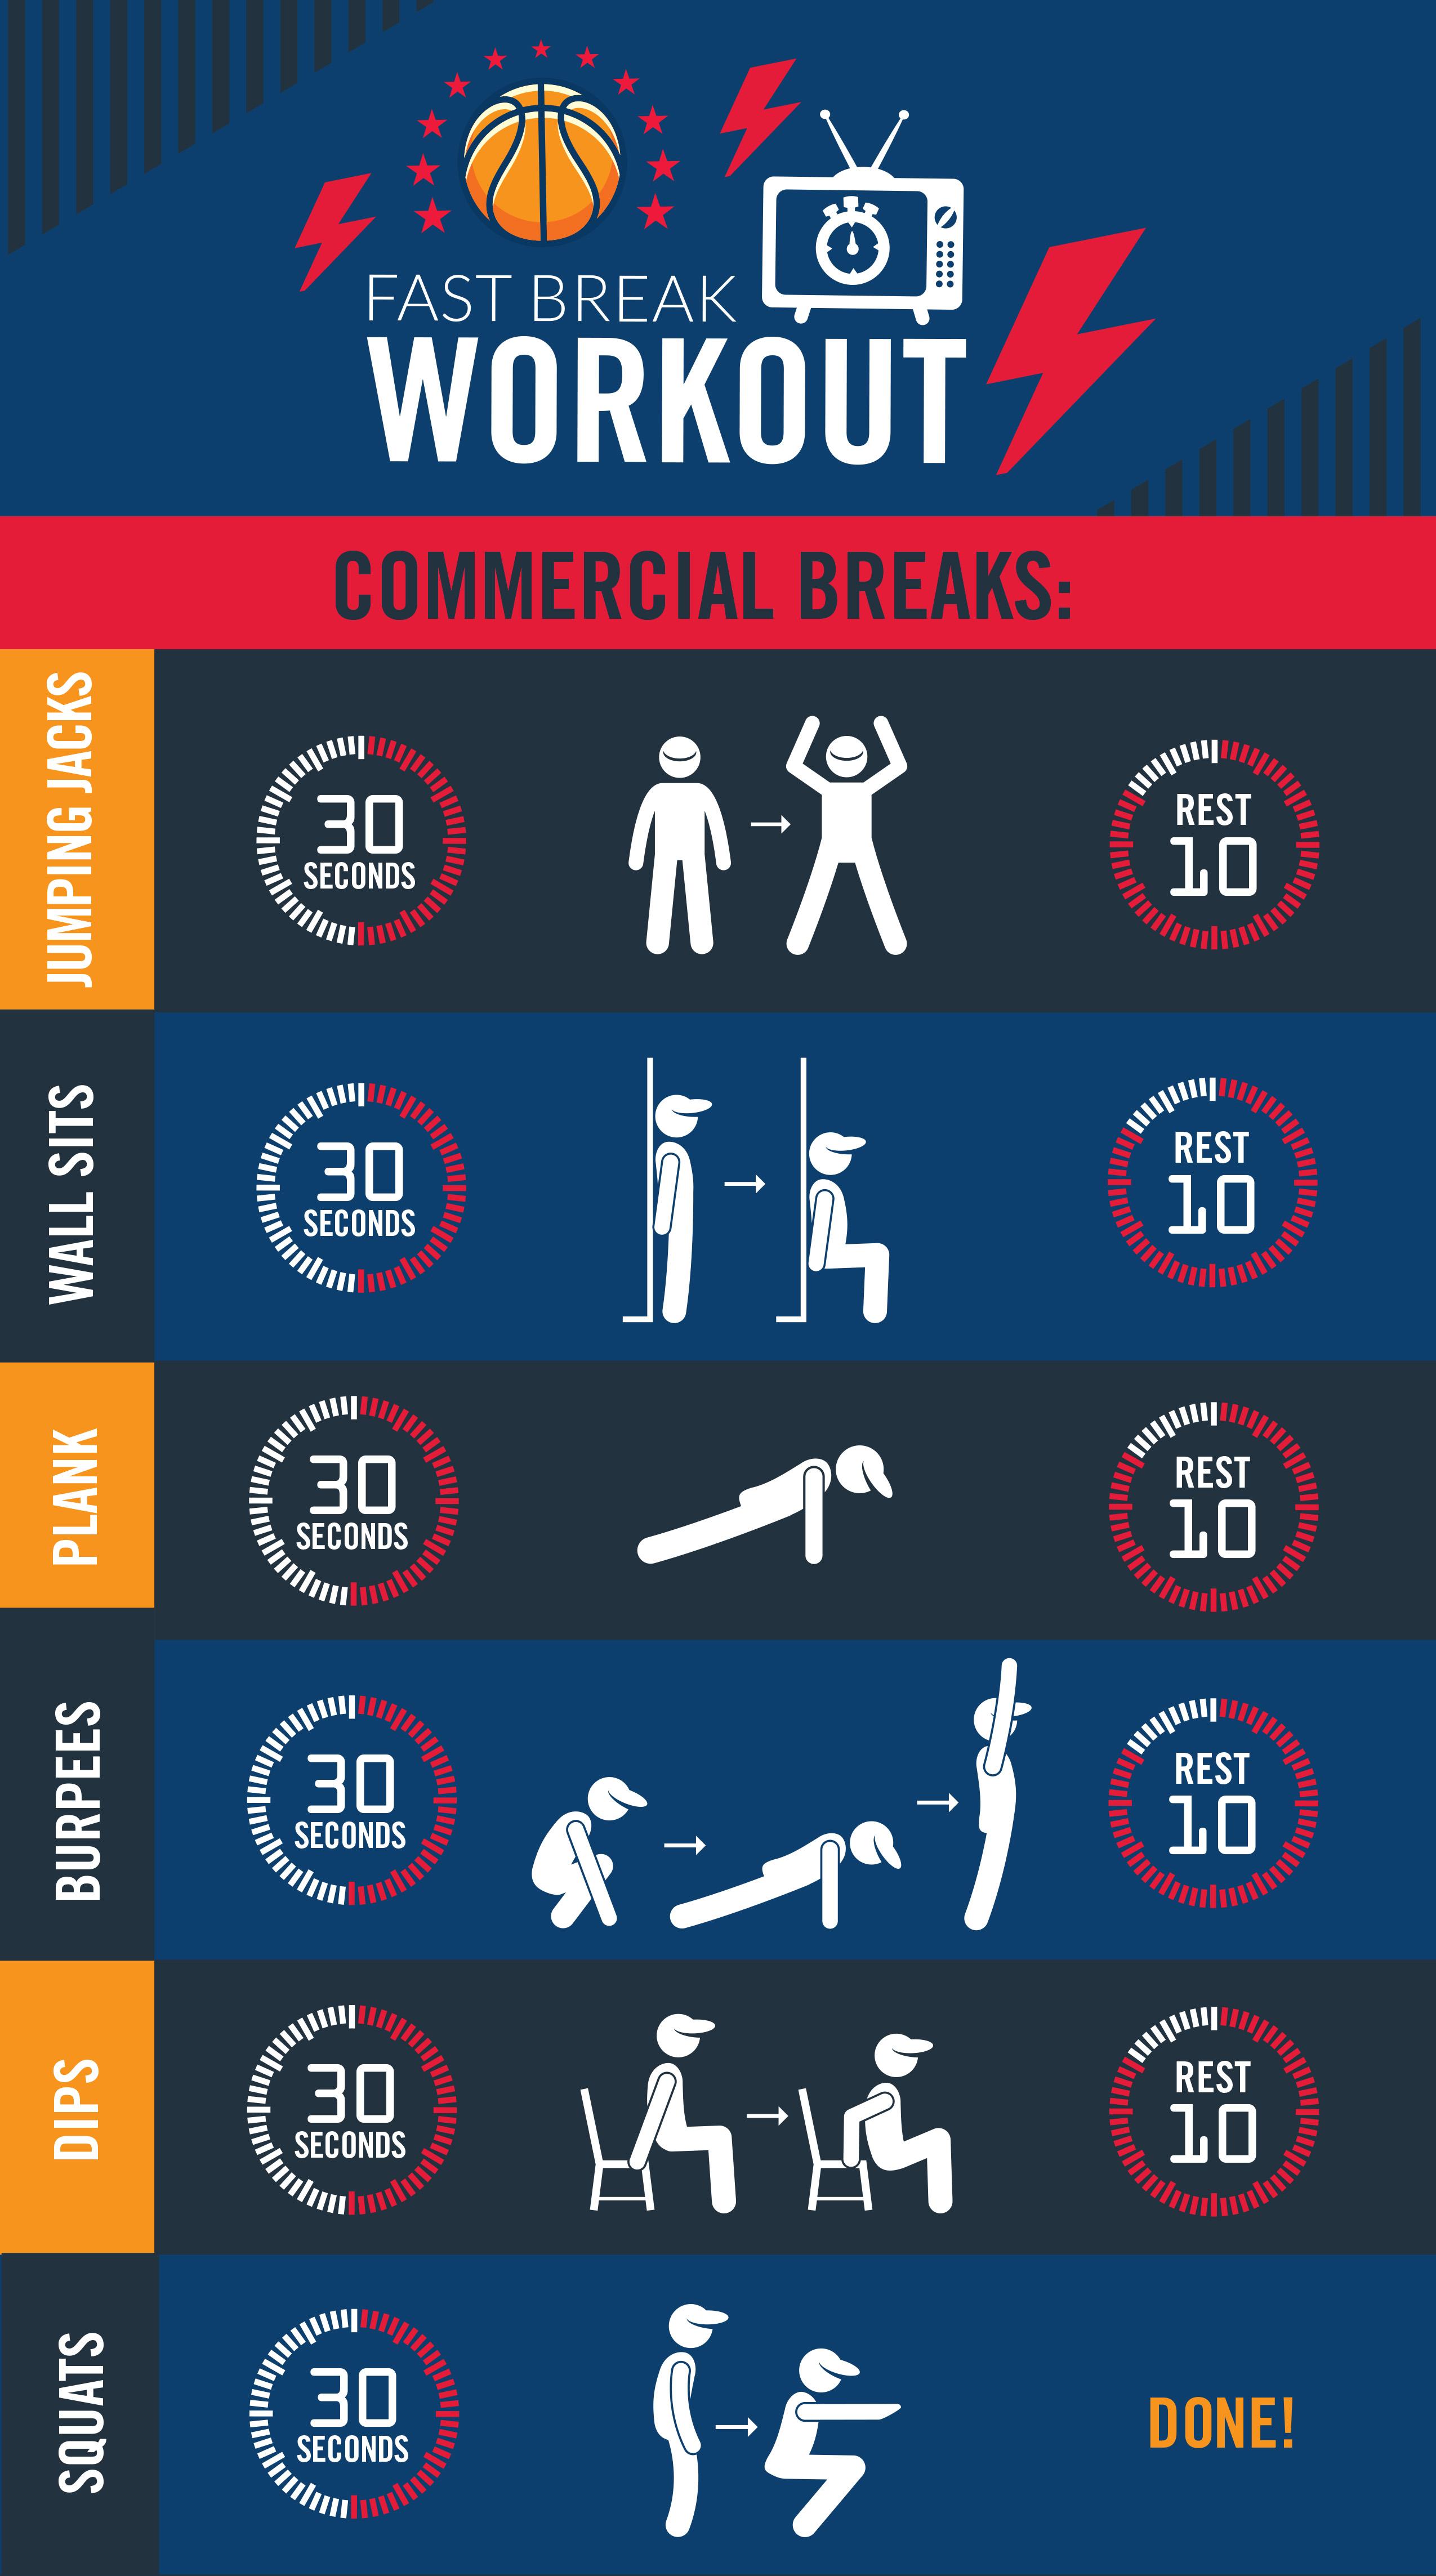 Fast Break Workout Chart